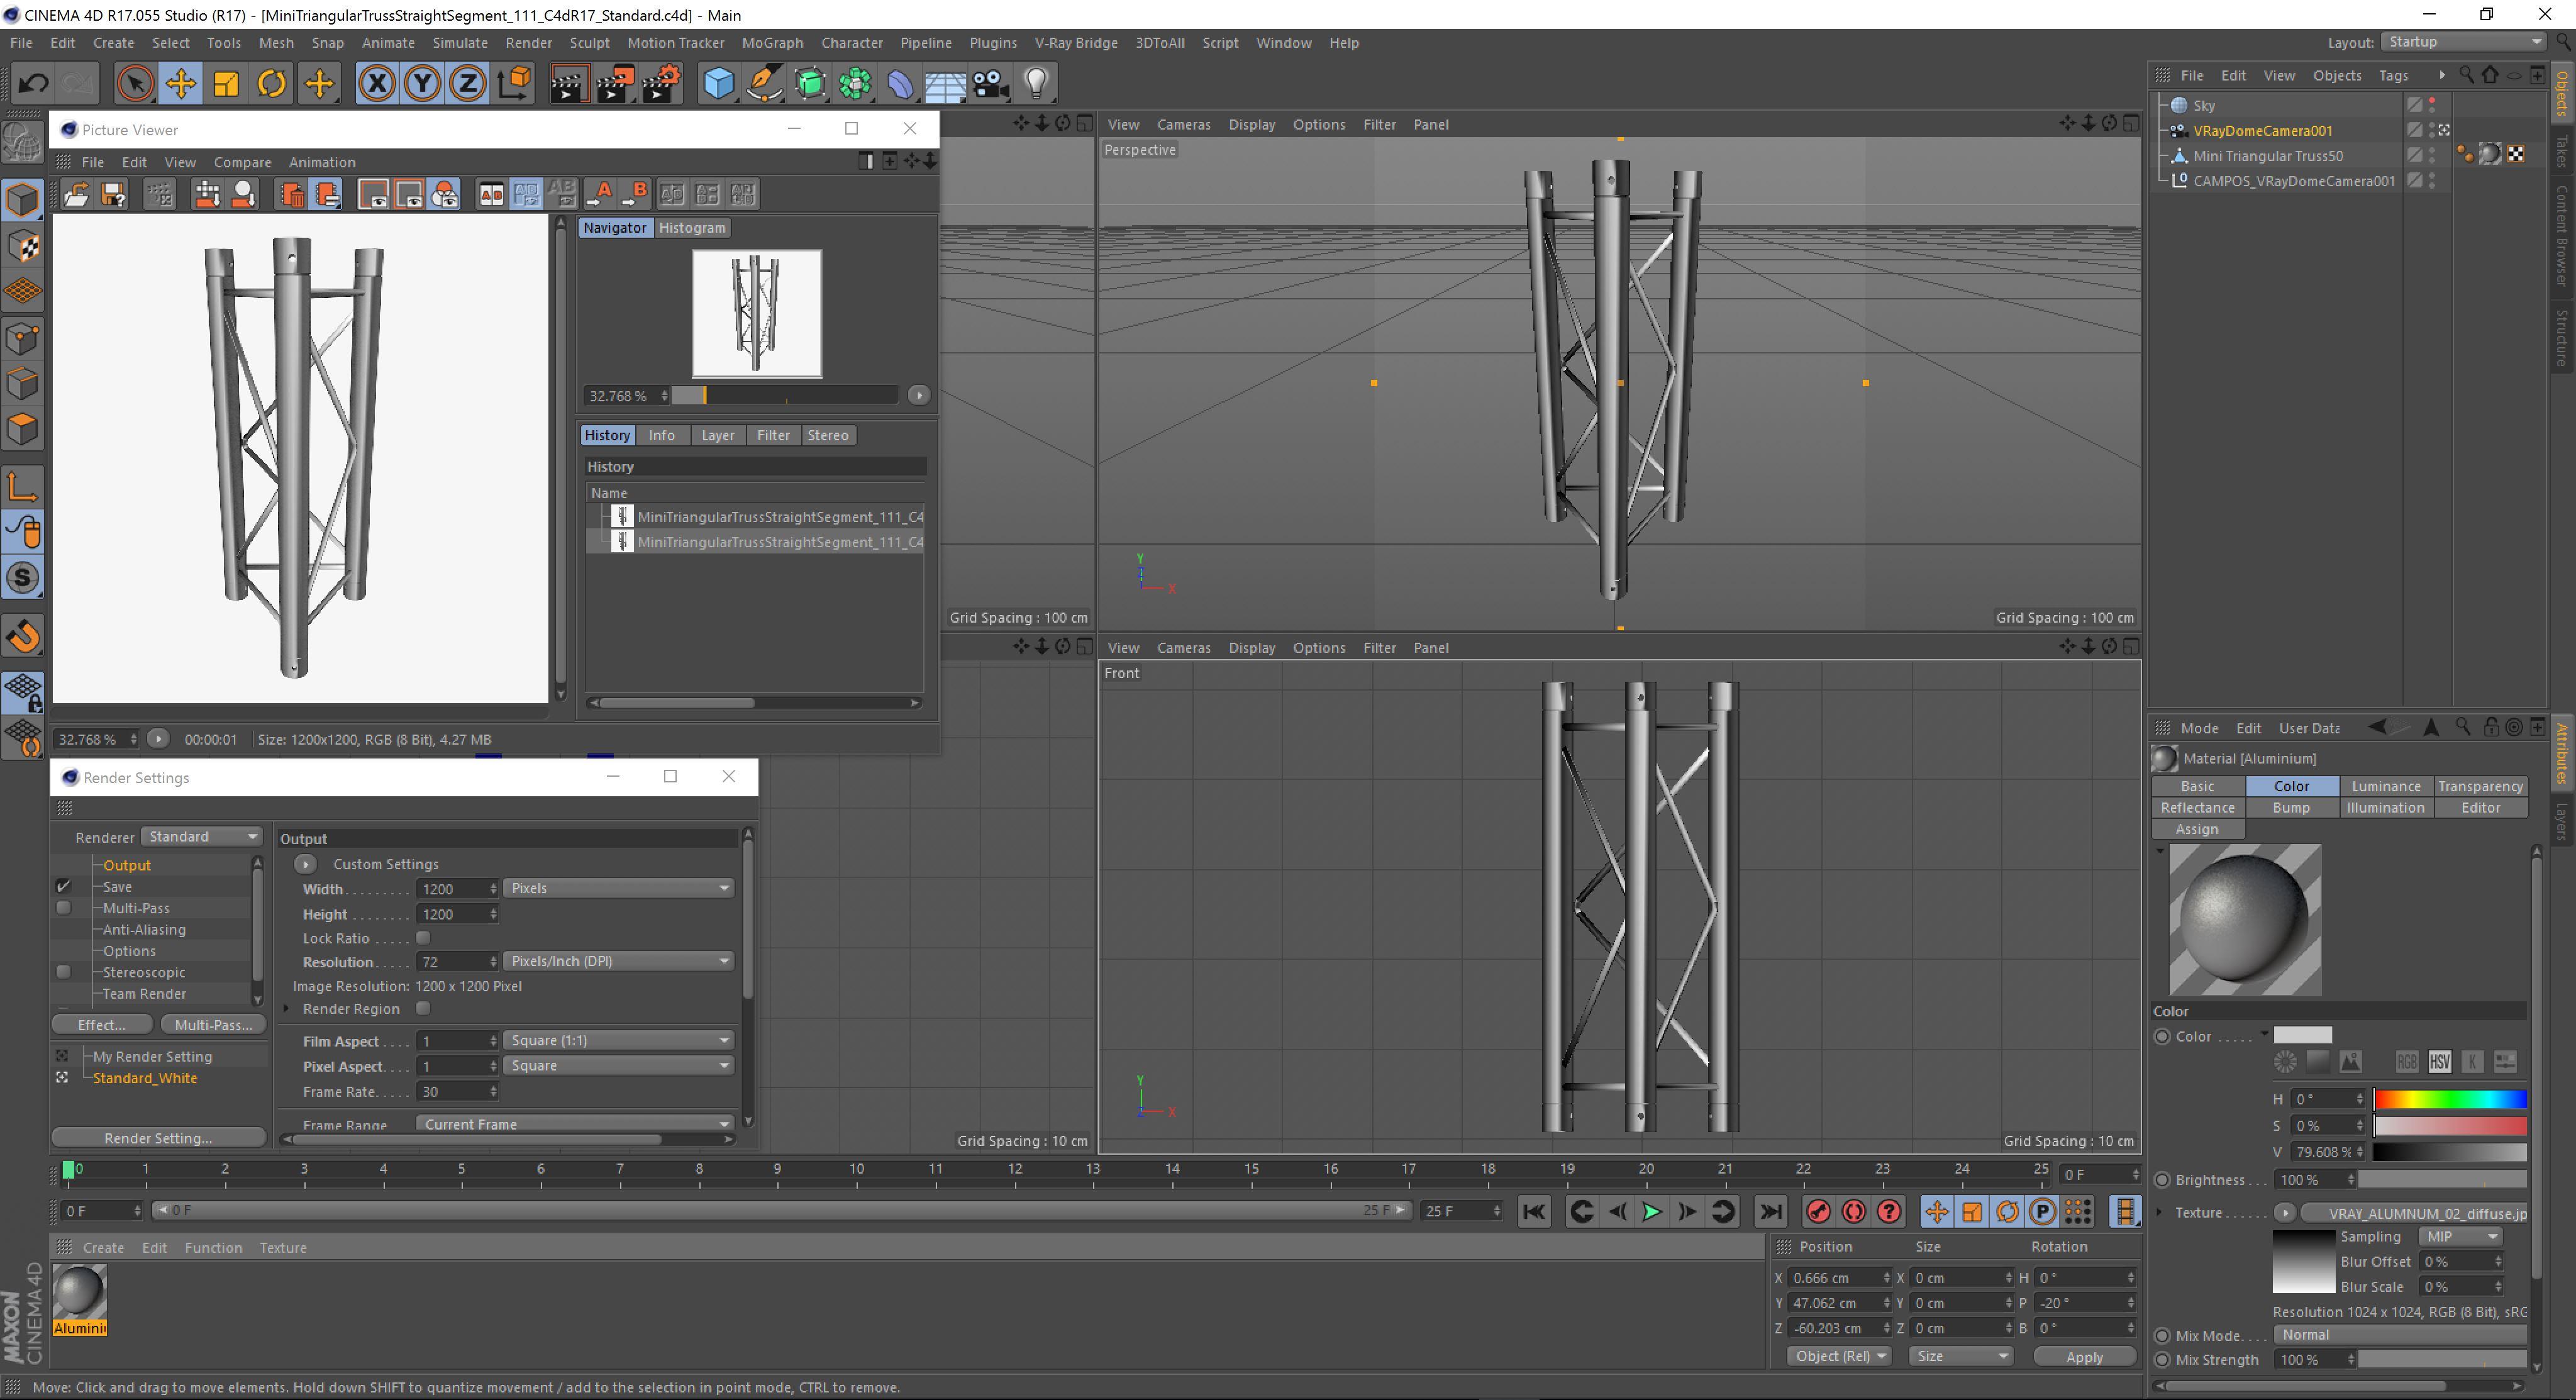 mini triangular truss straight segment 111 3d model 3ds max dxf fbx c4d  obj other 268881